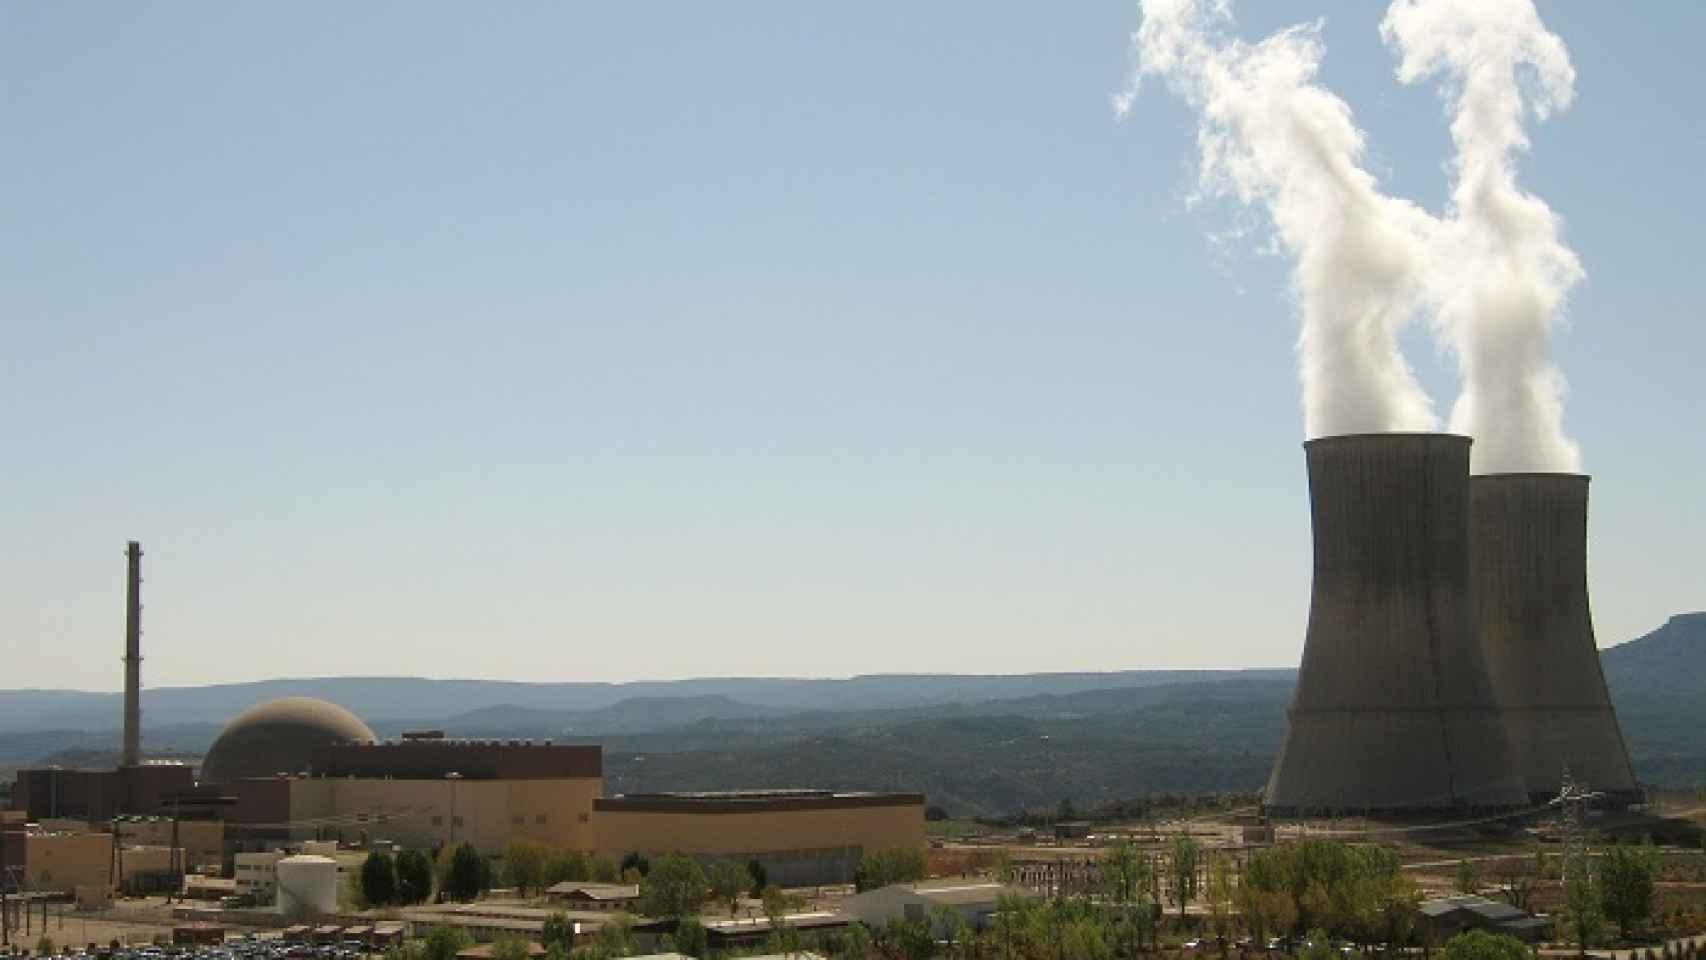 La central nuclear de Trillo (Gualajara), en una imagen de archivo.